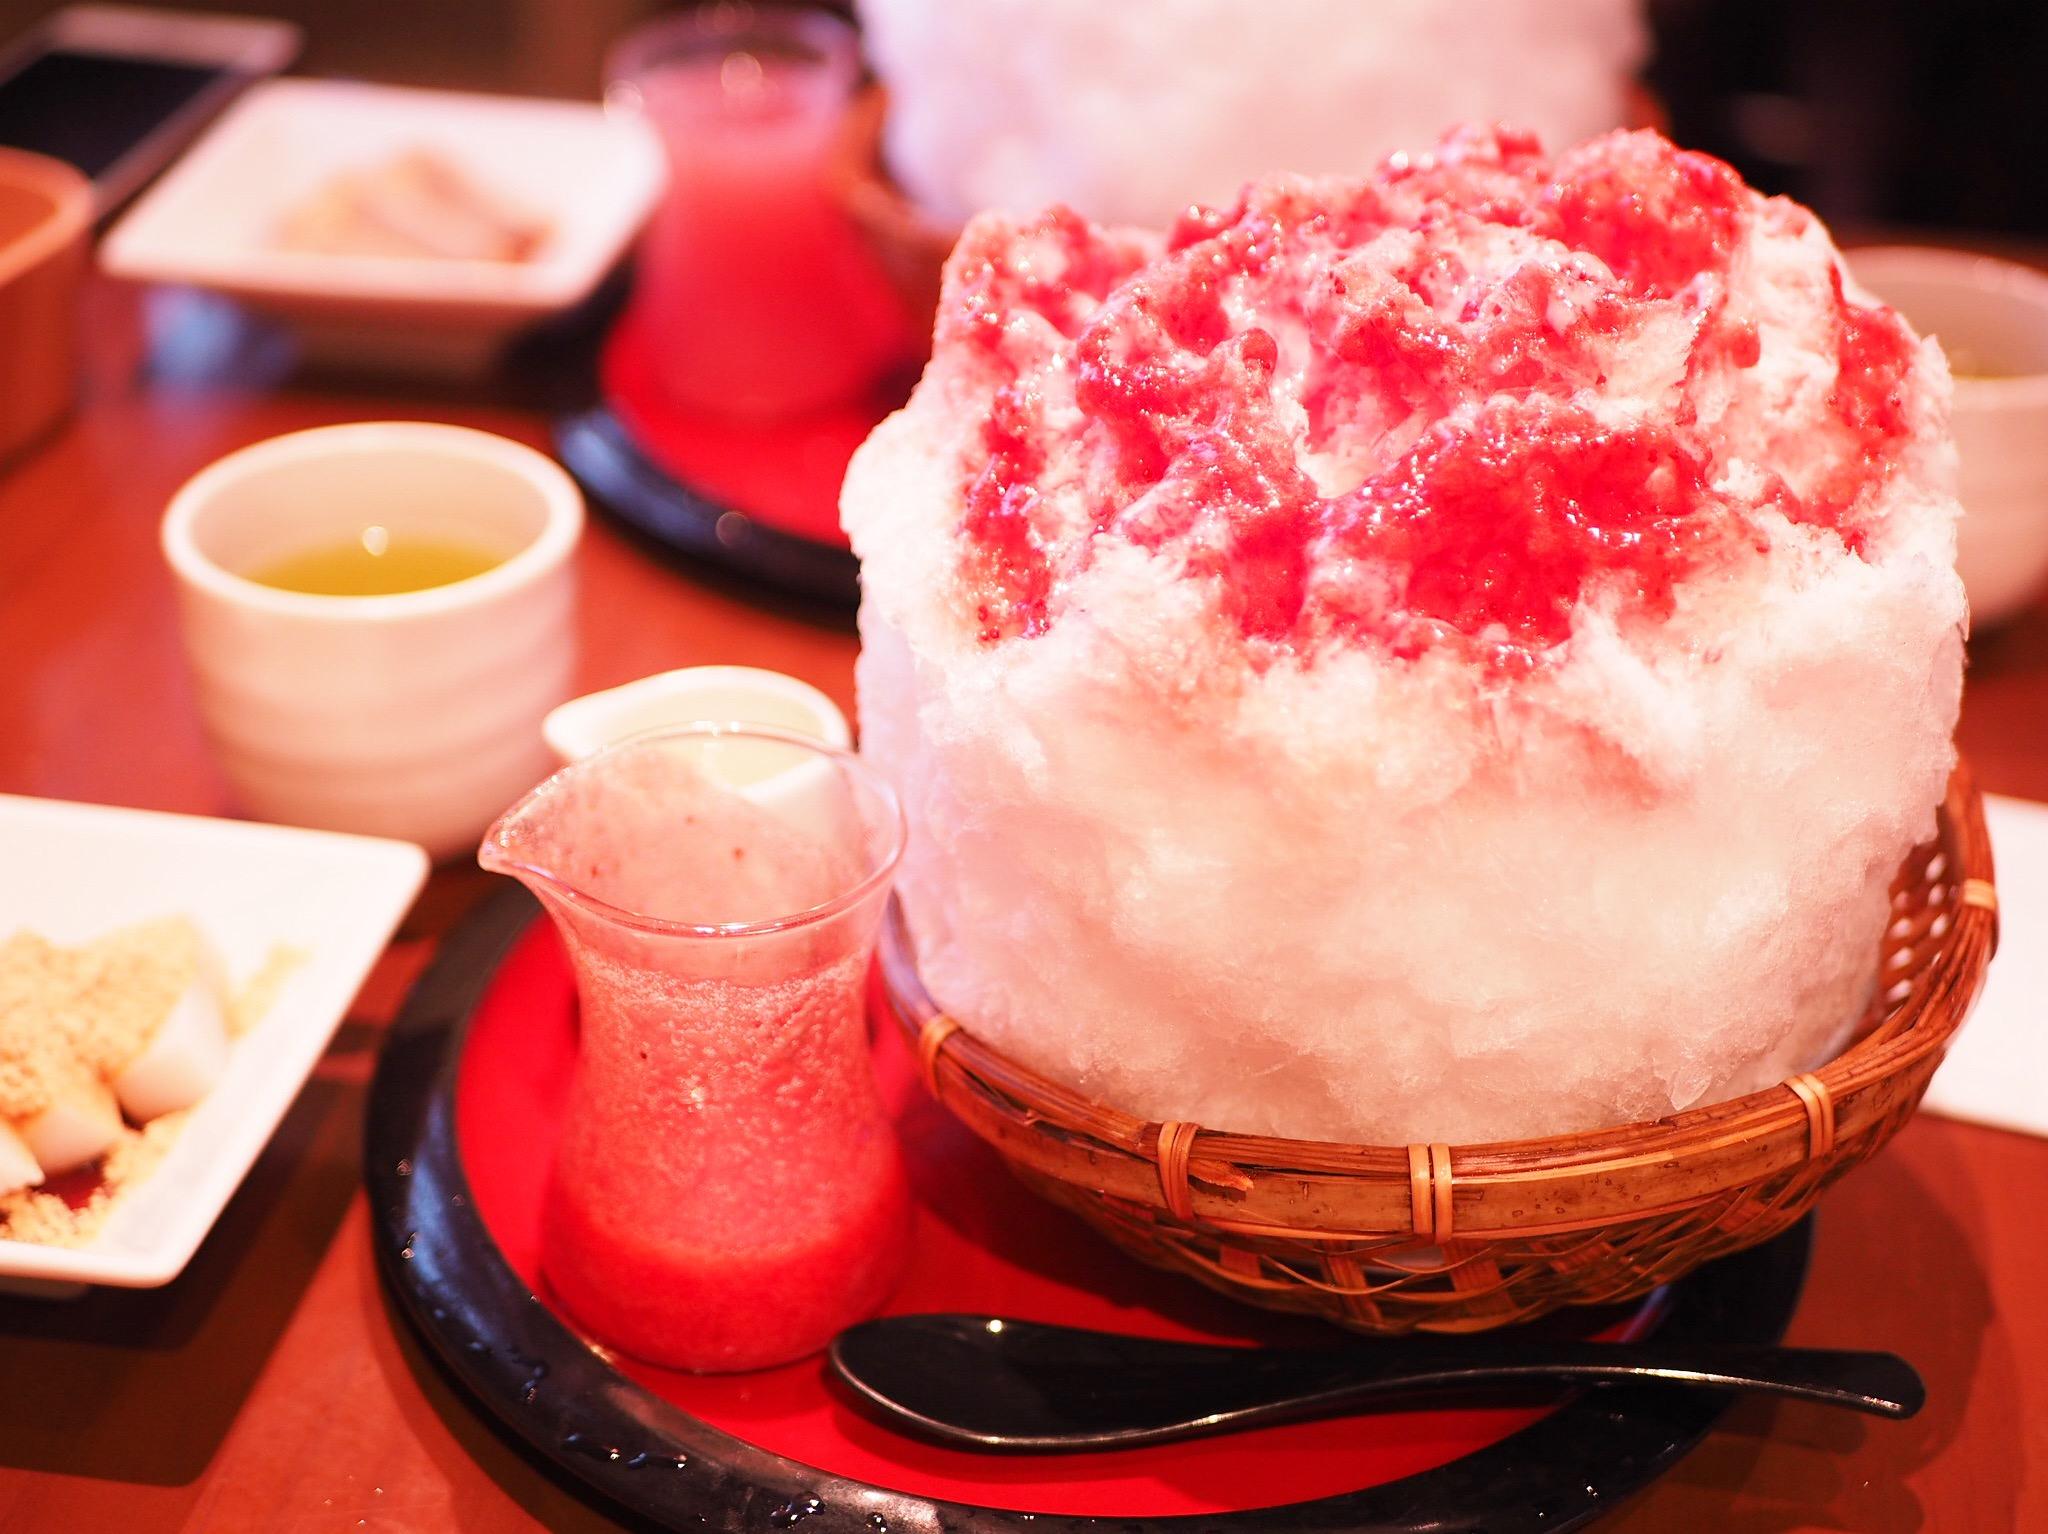 【#東京かき氷】涼しげな和かき氷♡《船橋屋広尾本店》_1